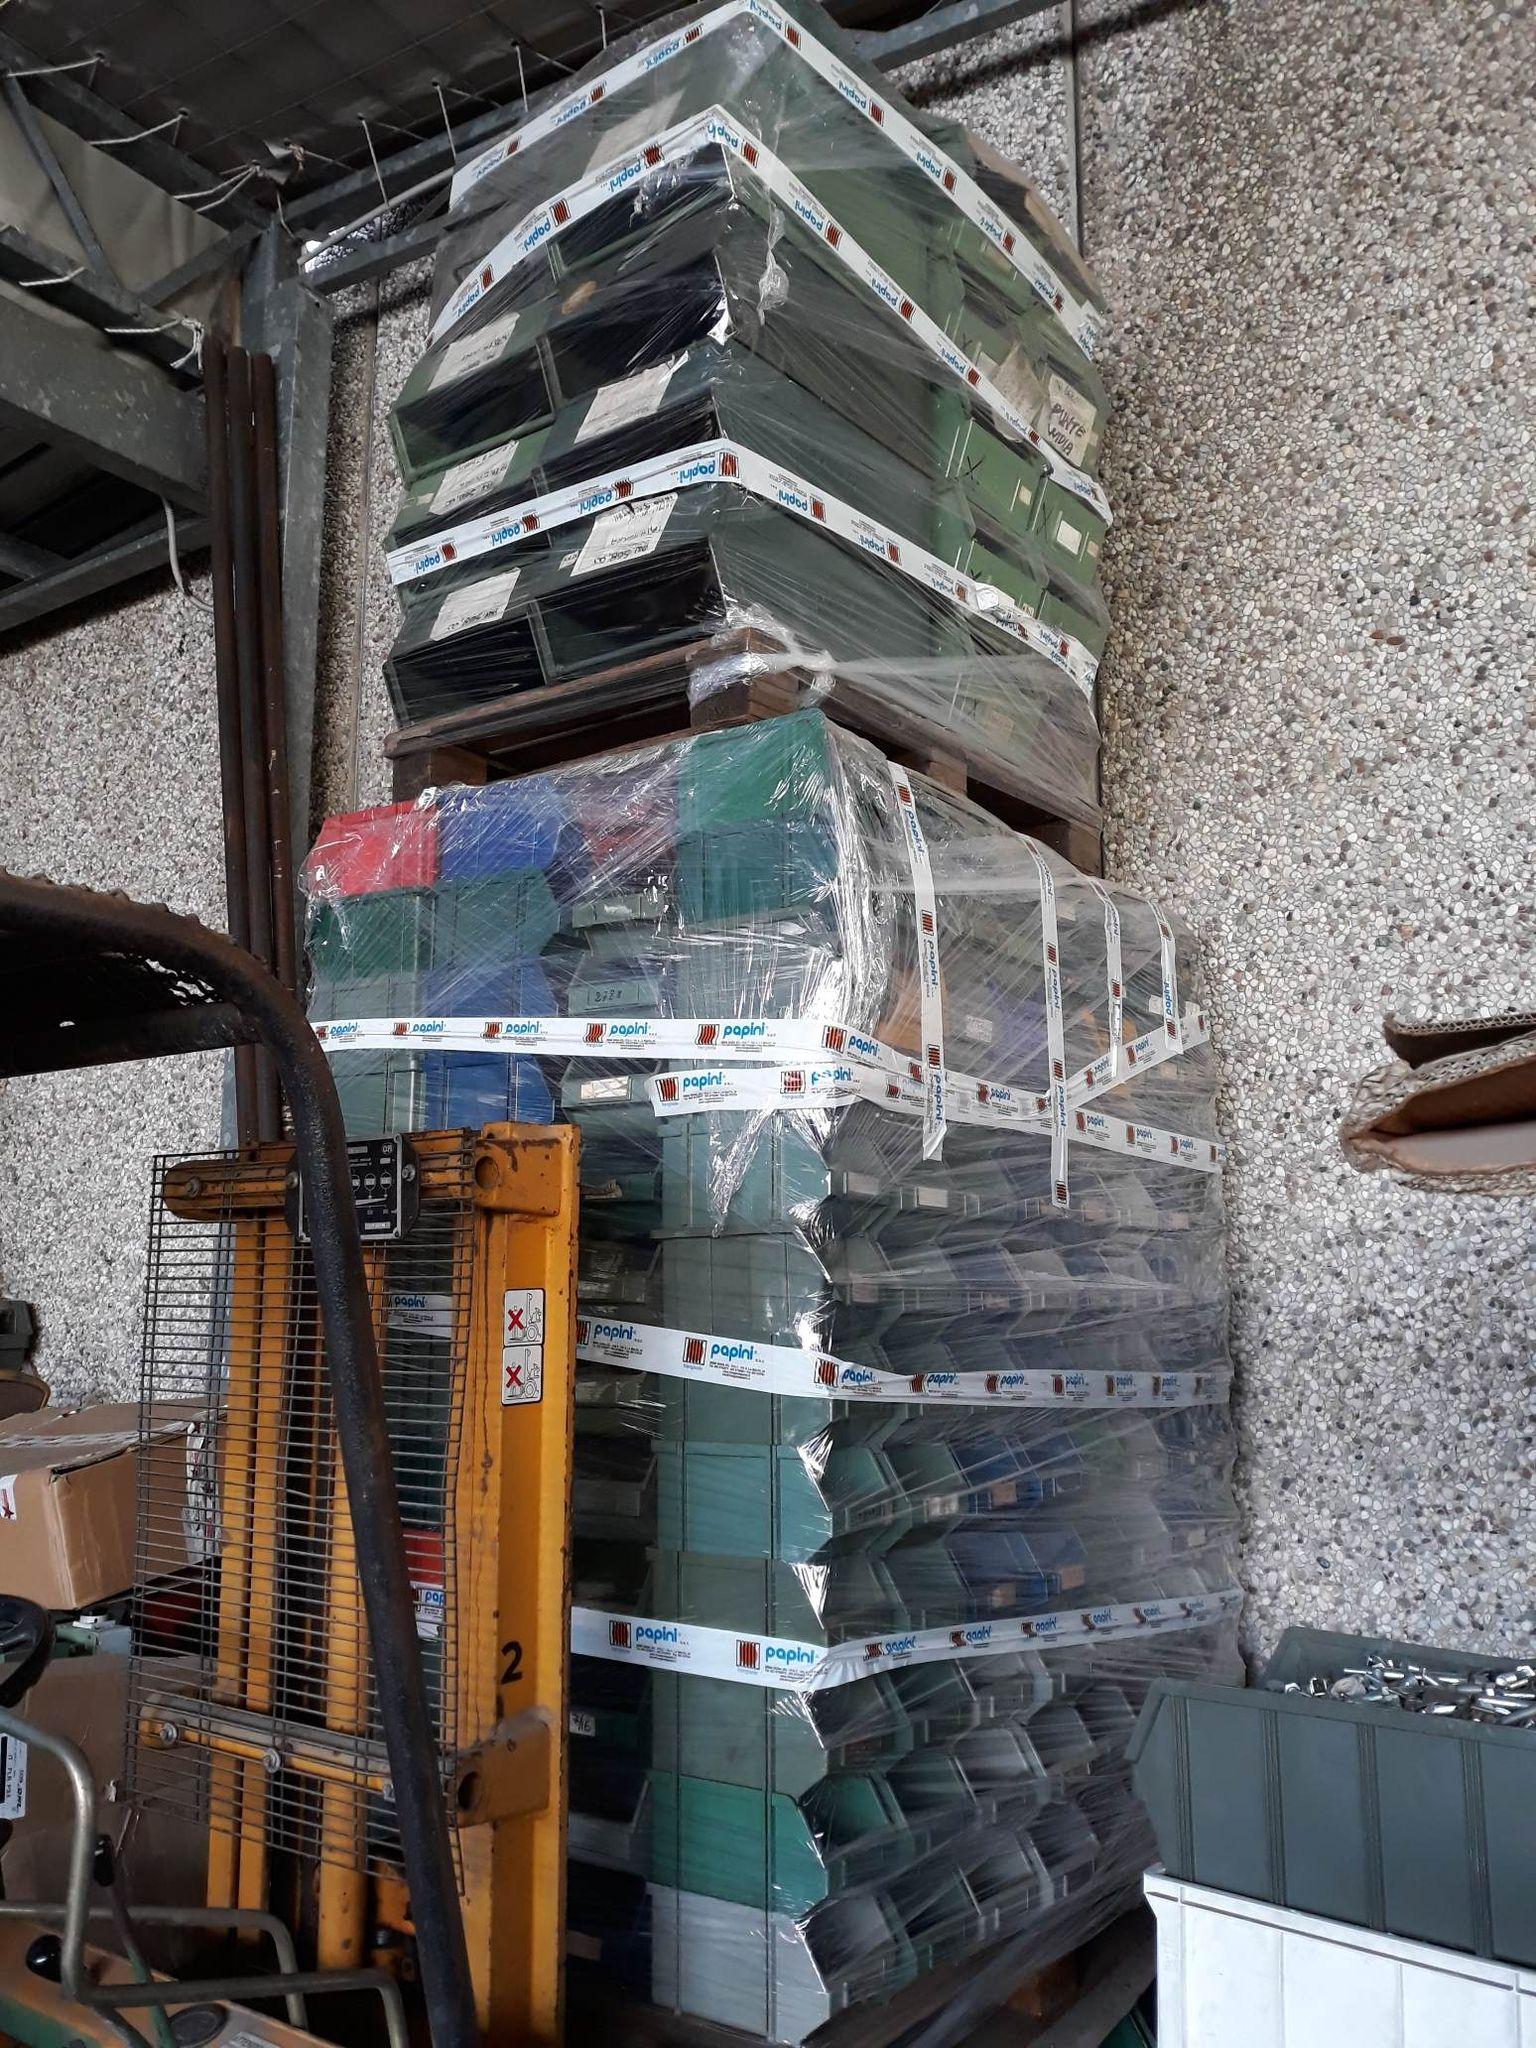 VENDO: CONTENITORI BOCCA DI LUPO MISURE VARIE in vendita - foto 1